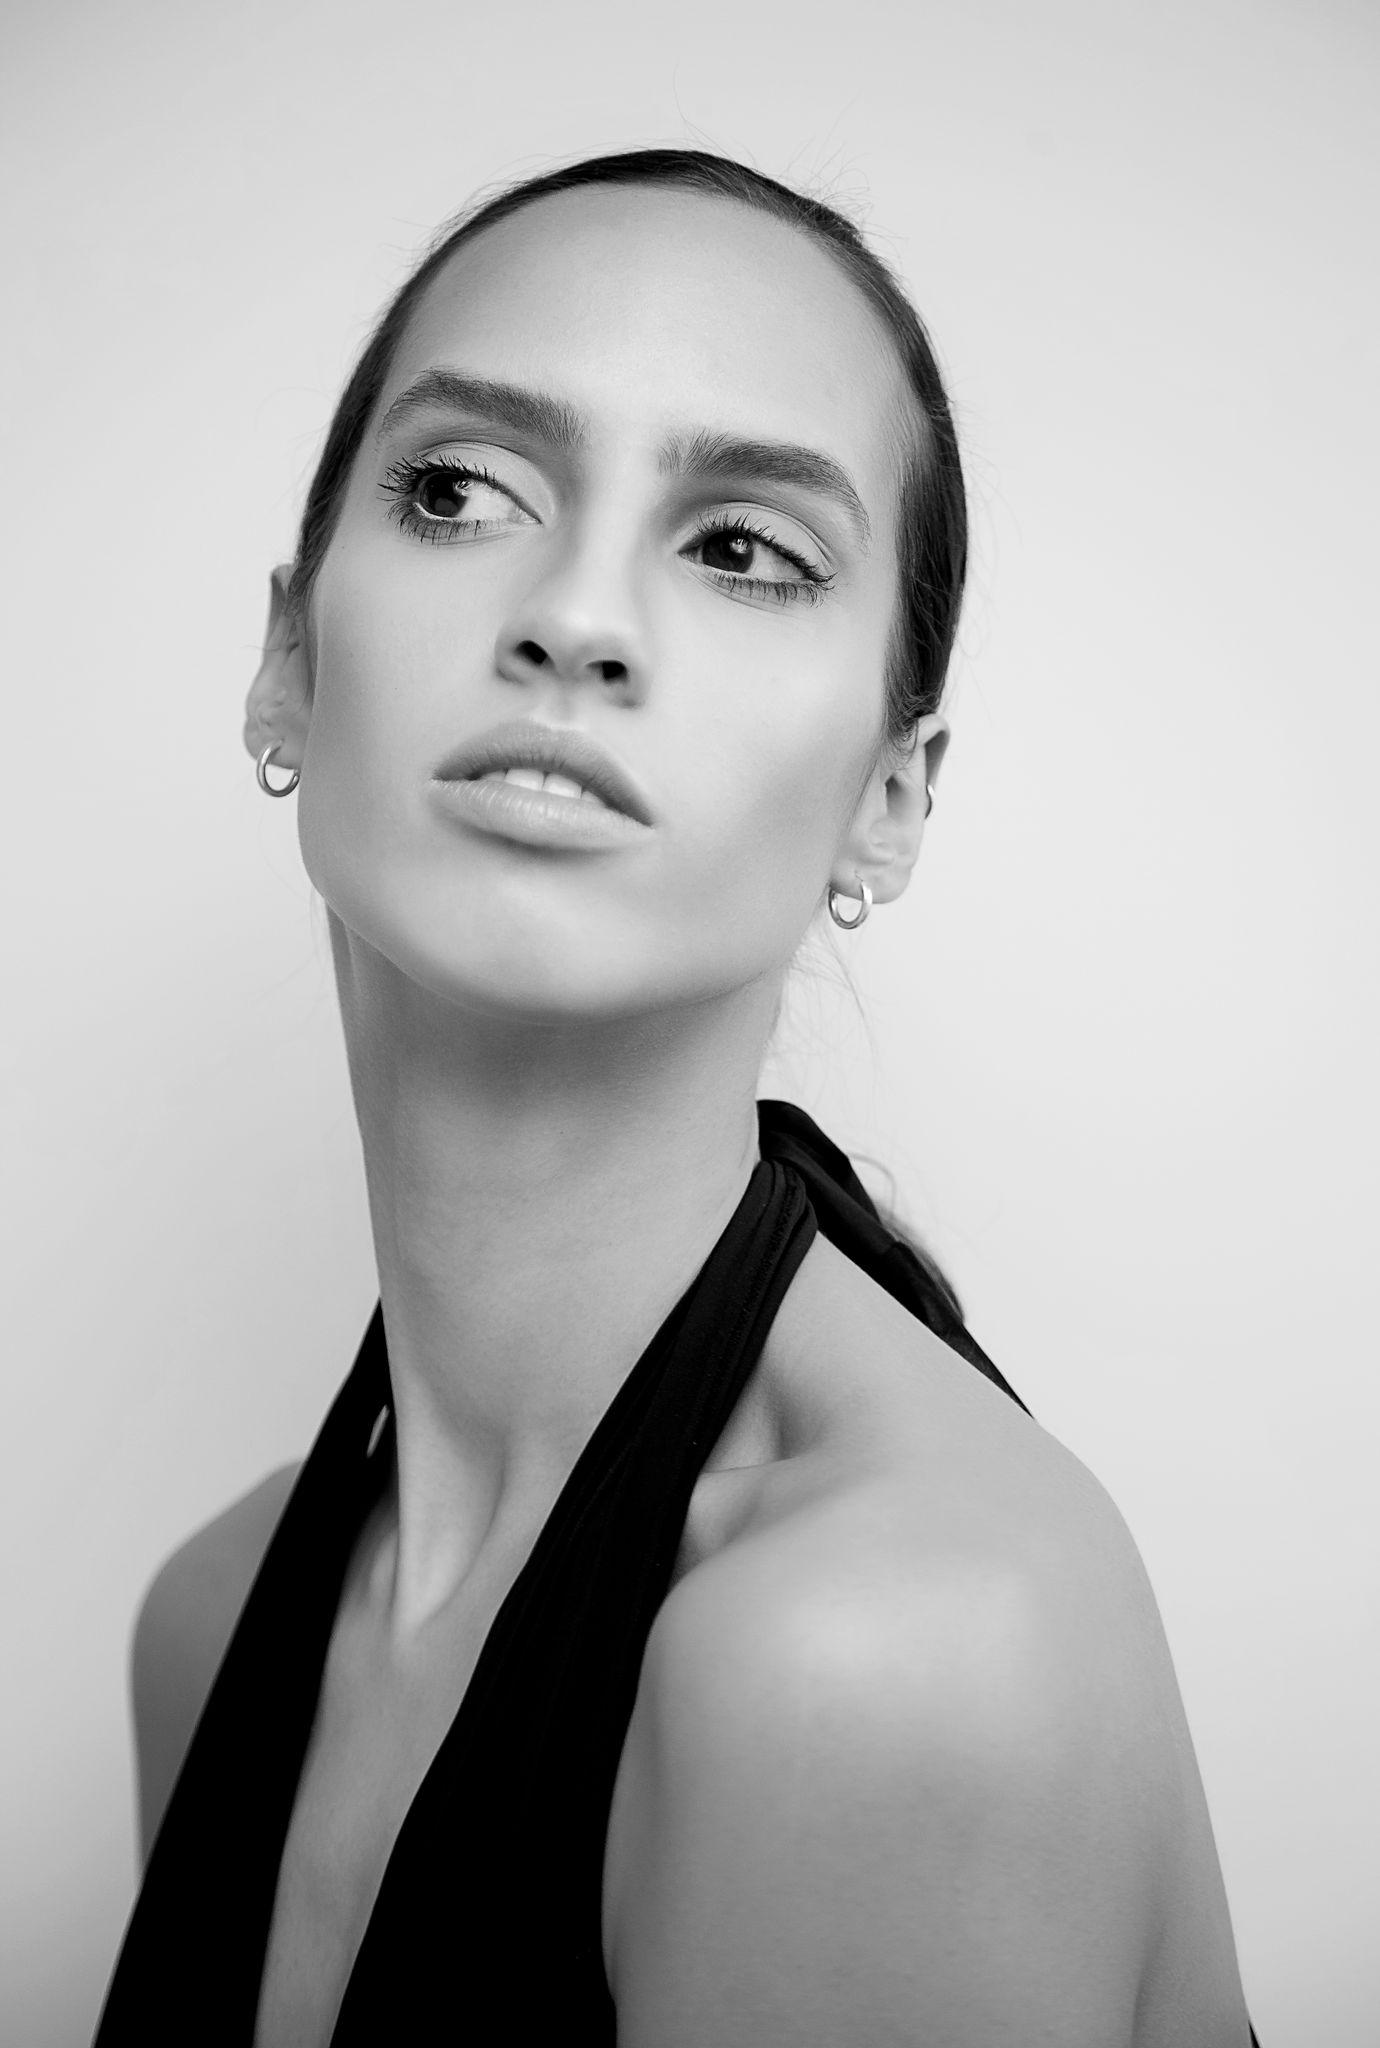 Beauty shot of Stephanie Rogue